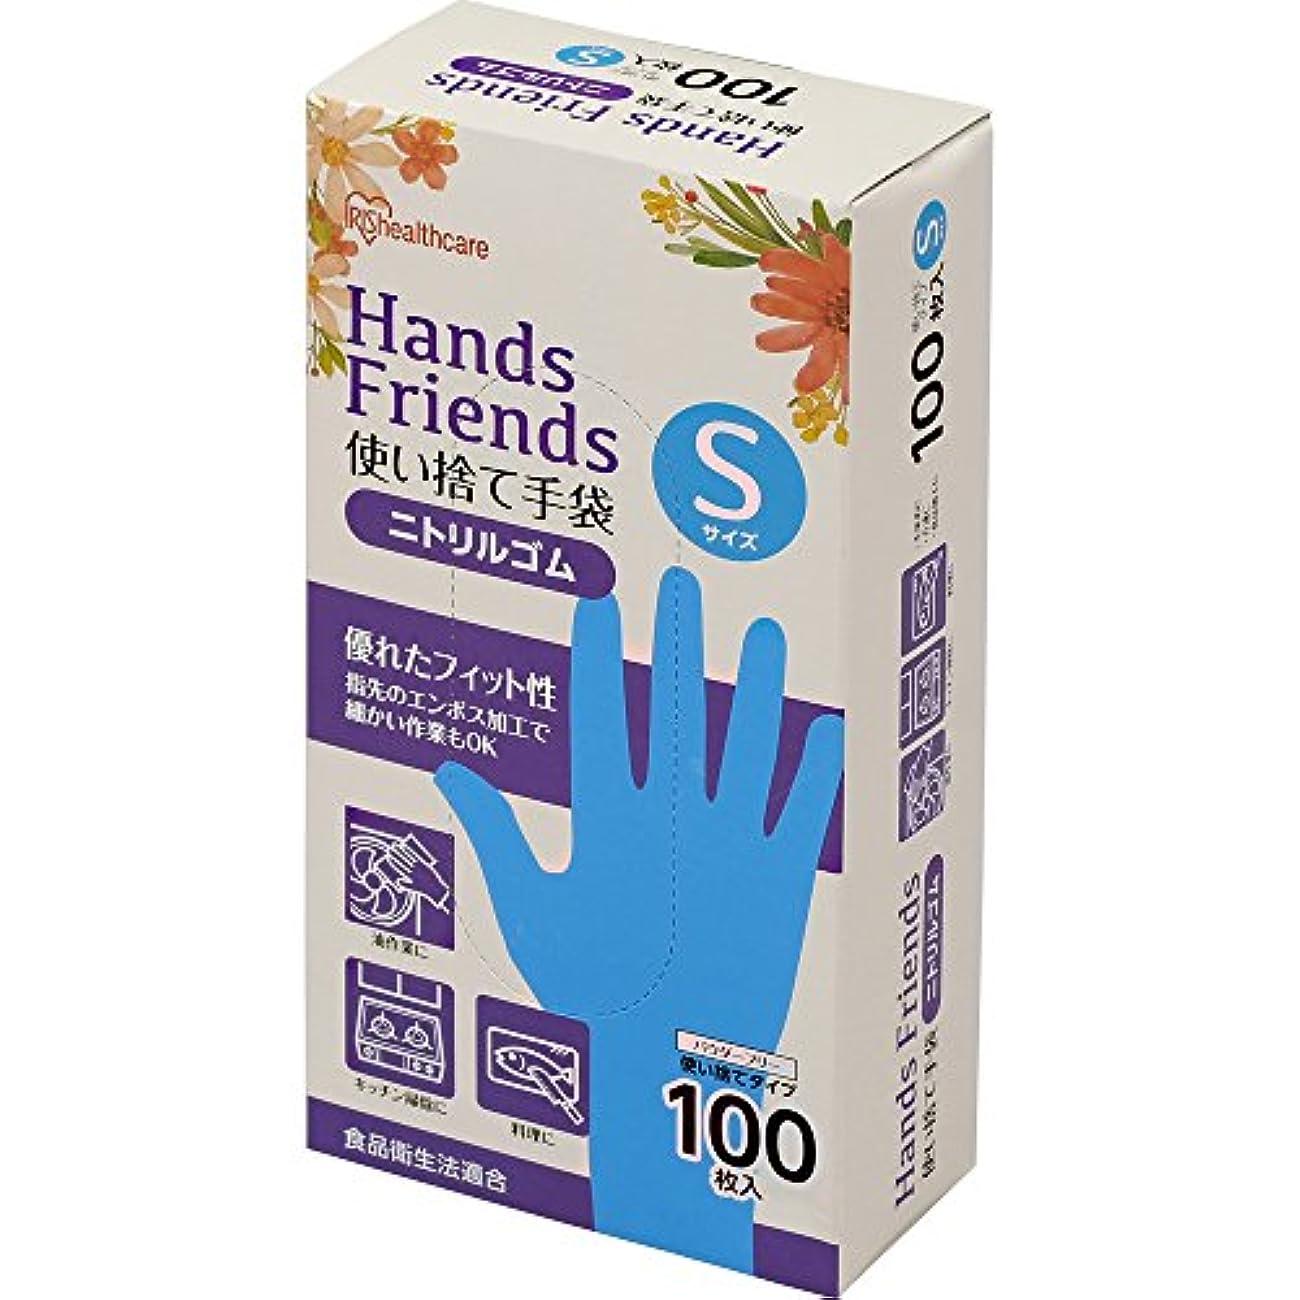 メダリスト取り組む陰気使い捨て手袋 ブルー ニトリルゴム 100枚 Sサイズ NBR-100S